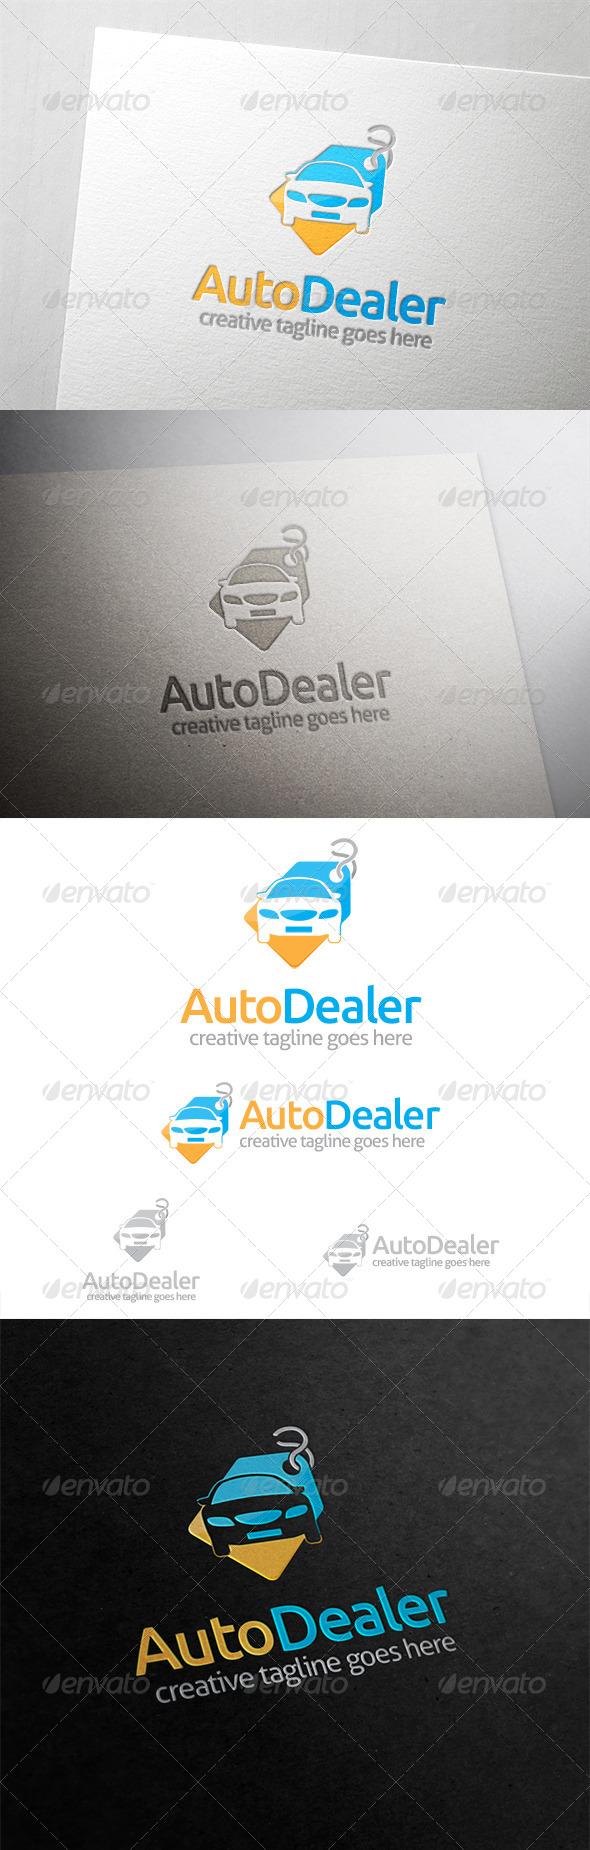 GraphicRiver Auto Dealer Car Tag Logo 6309790